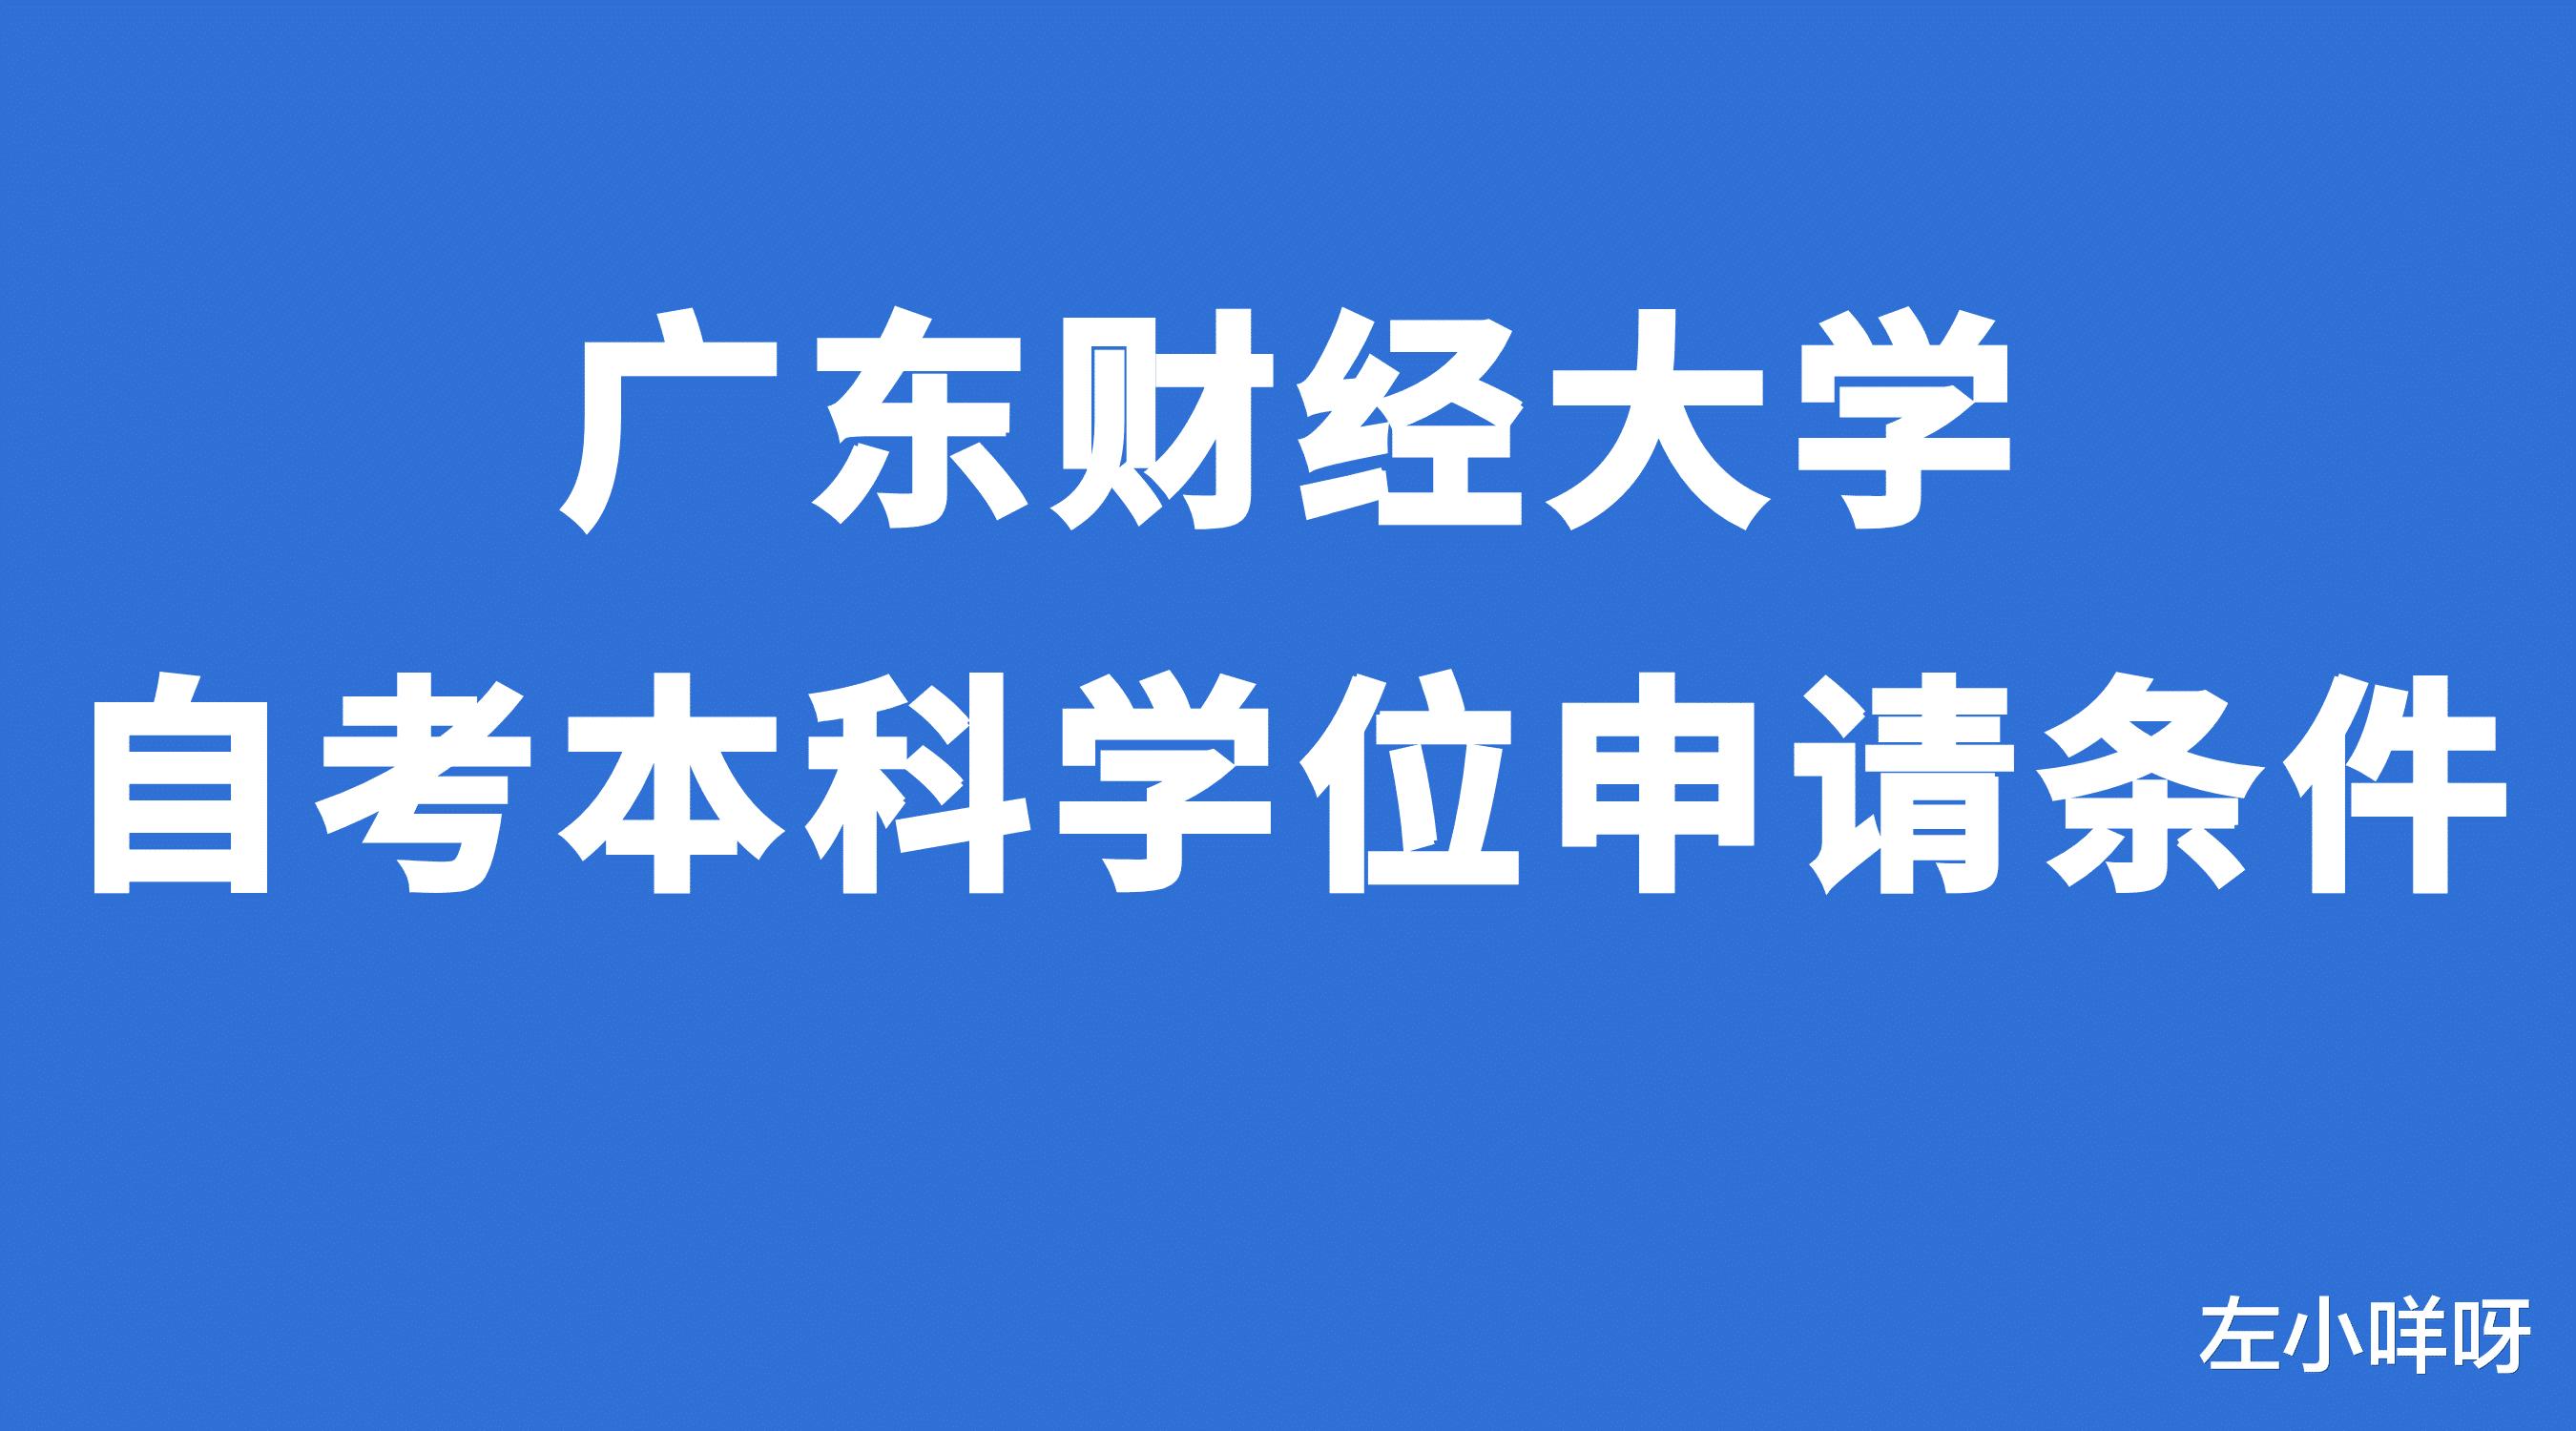 2021年广东财经大学自考本科学位申请条件是什么